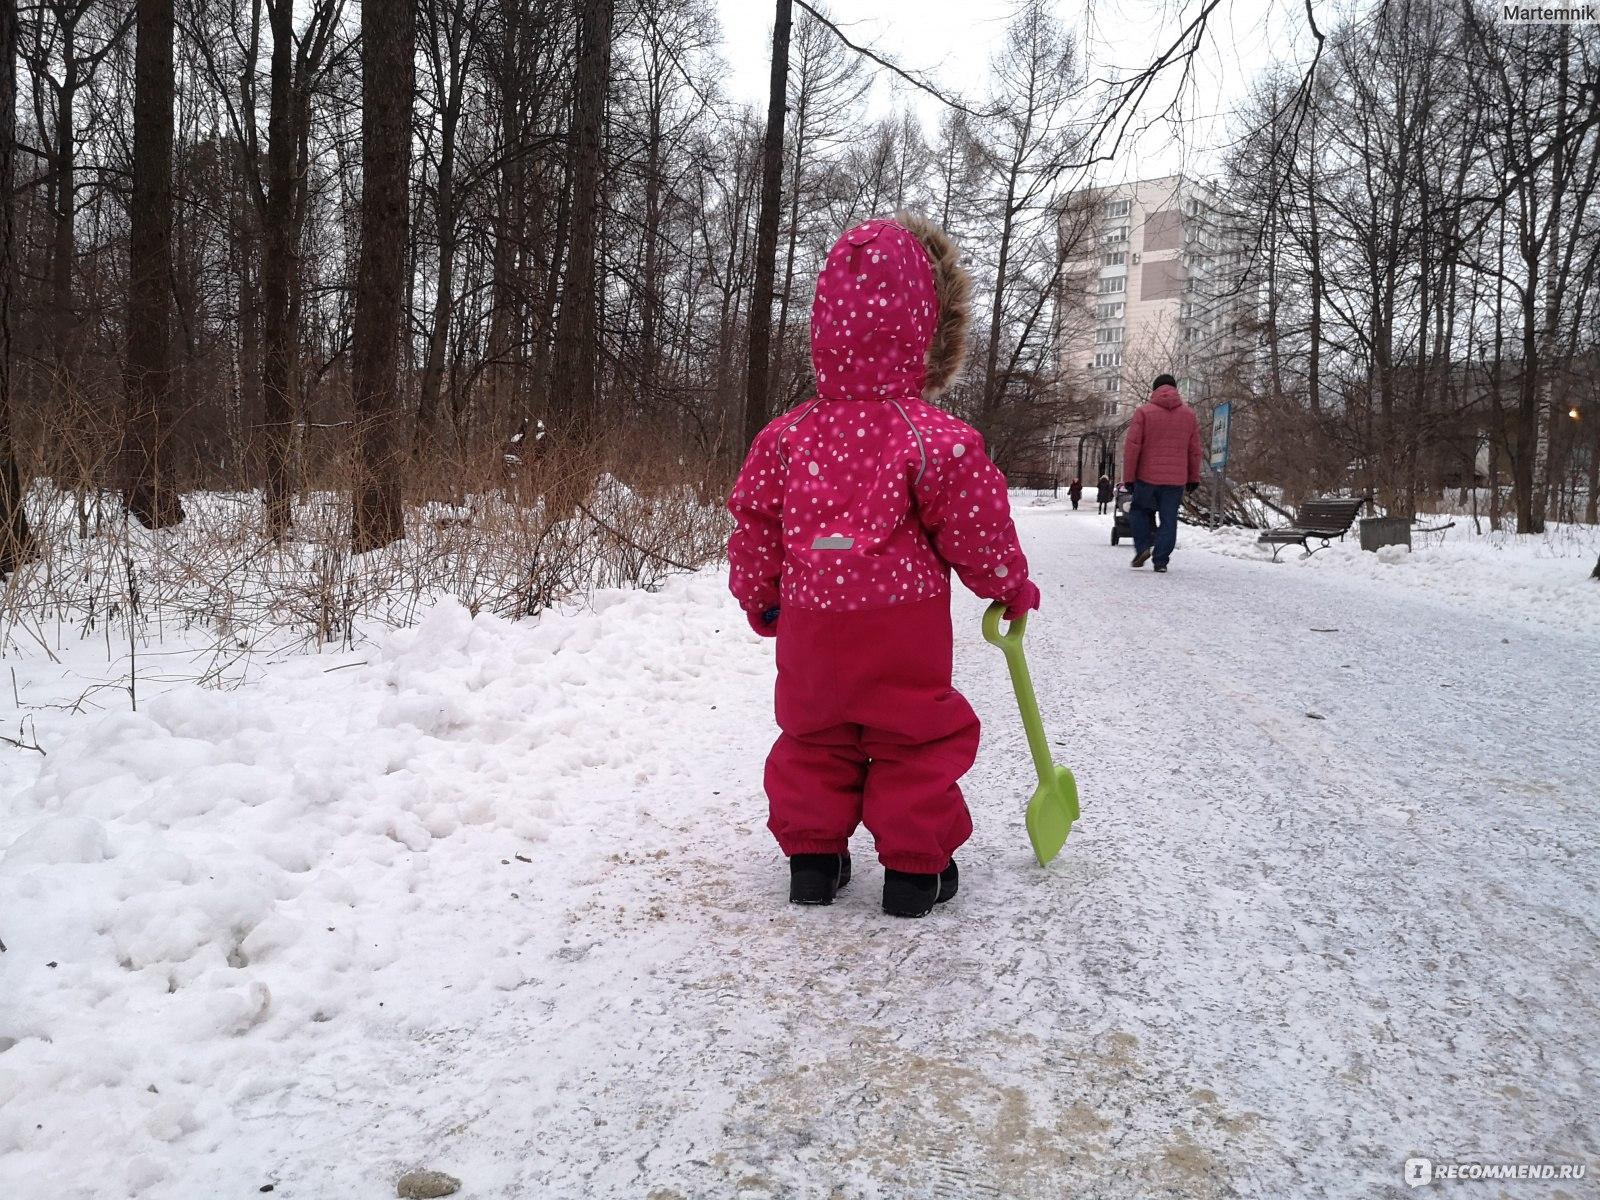 Детские комбезы на зиму: как выбрать самый лучший и теплый зимний комбинезон для новорожденного ребенка и какой купить — товарика